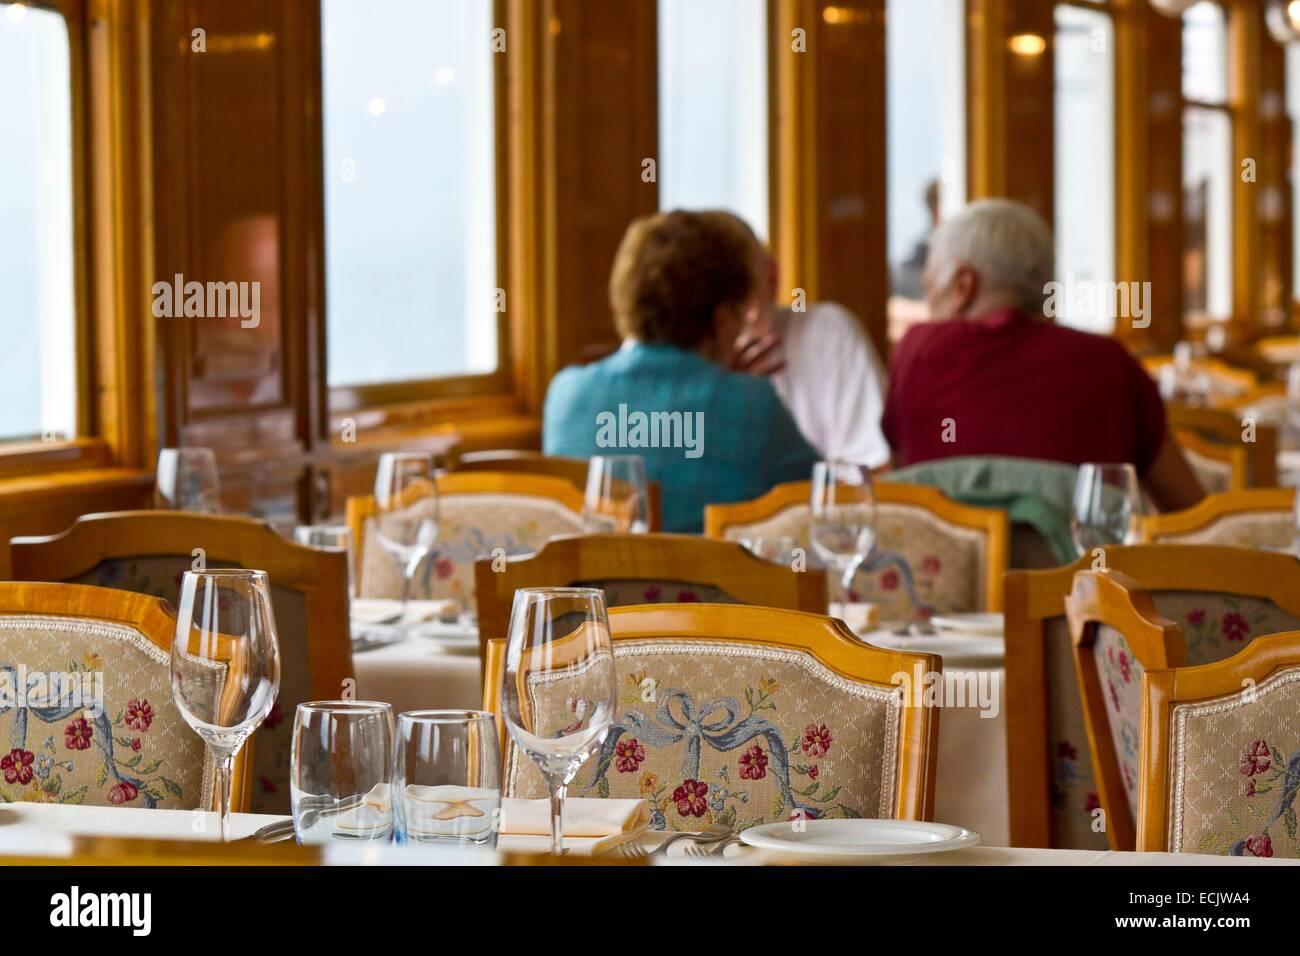 Suisse, Canton de Vaud, vignoble en terrasses du Lavaux classé patrimoine mondial de l'UNESCO, il s'étend - Stock Image